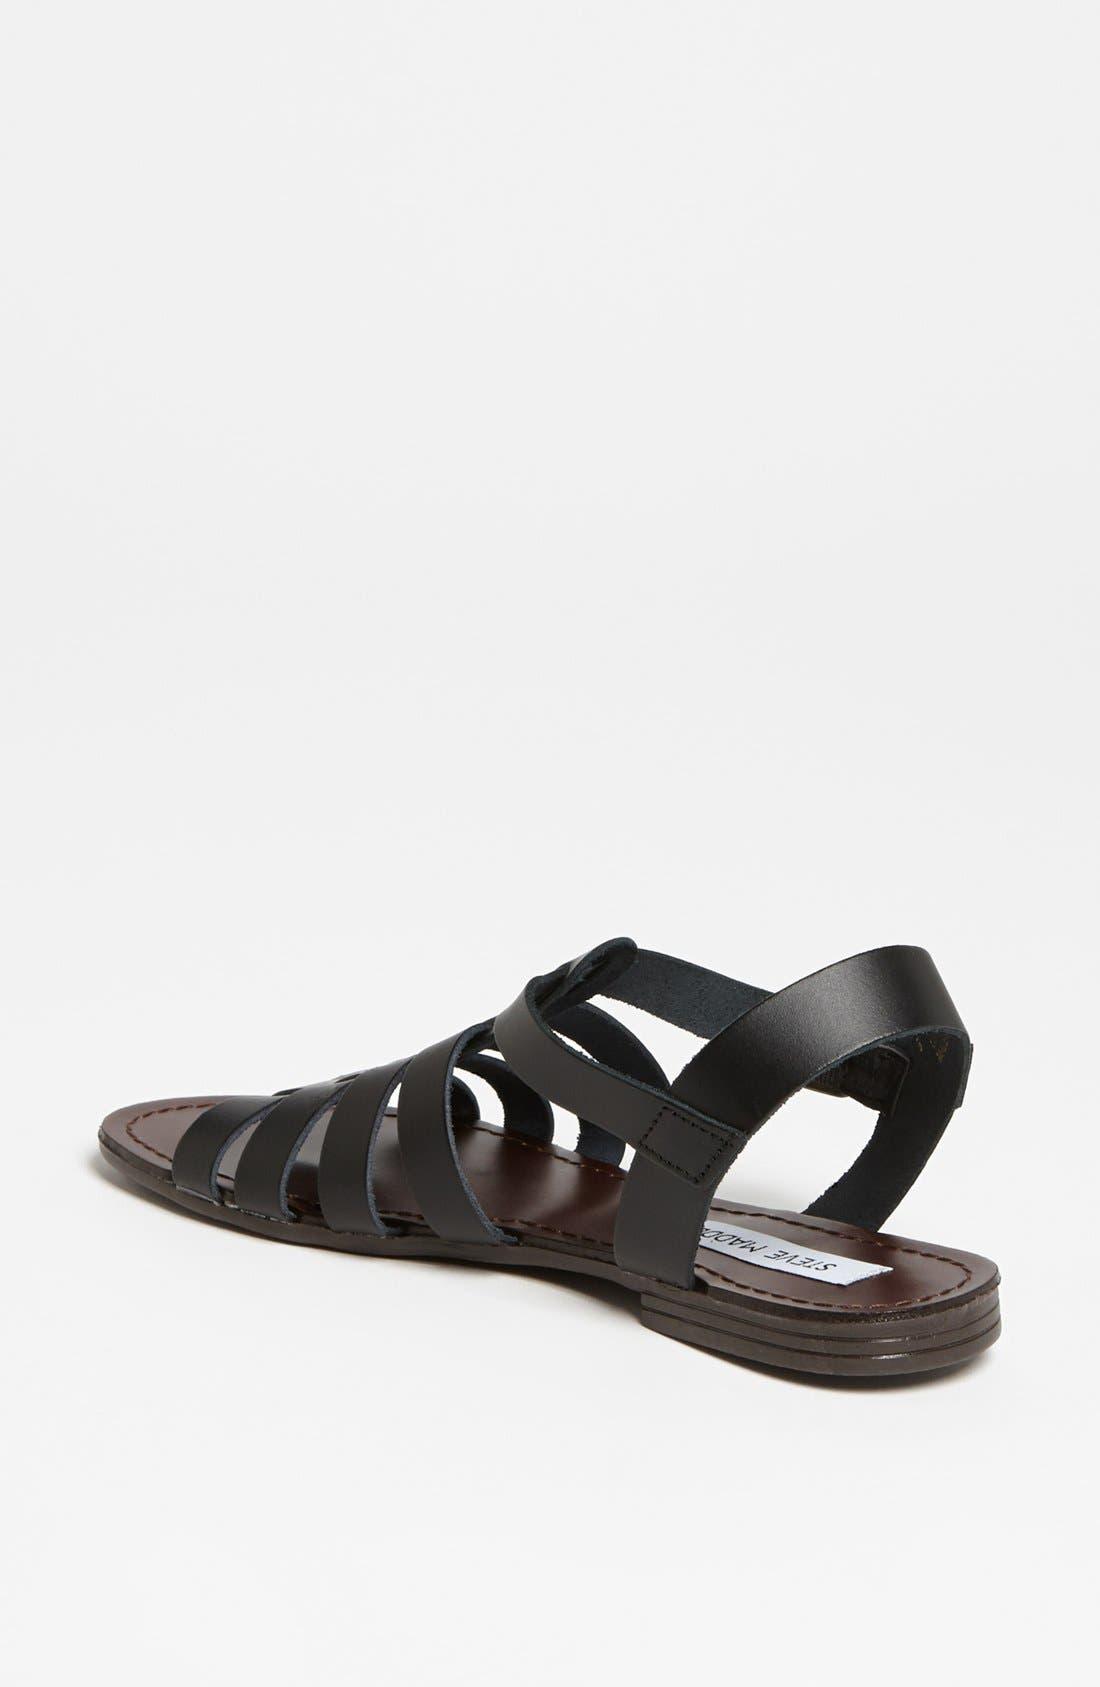 Alternate Image 2  - Steve Madden 'Alter' Sandal